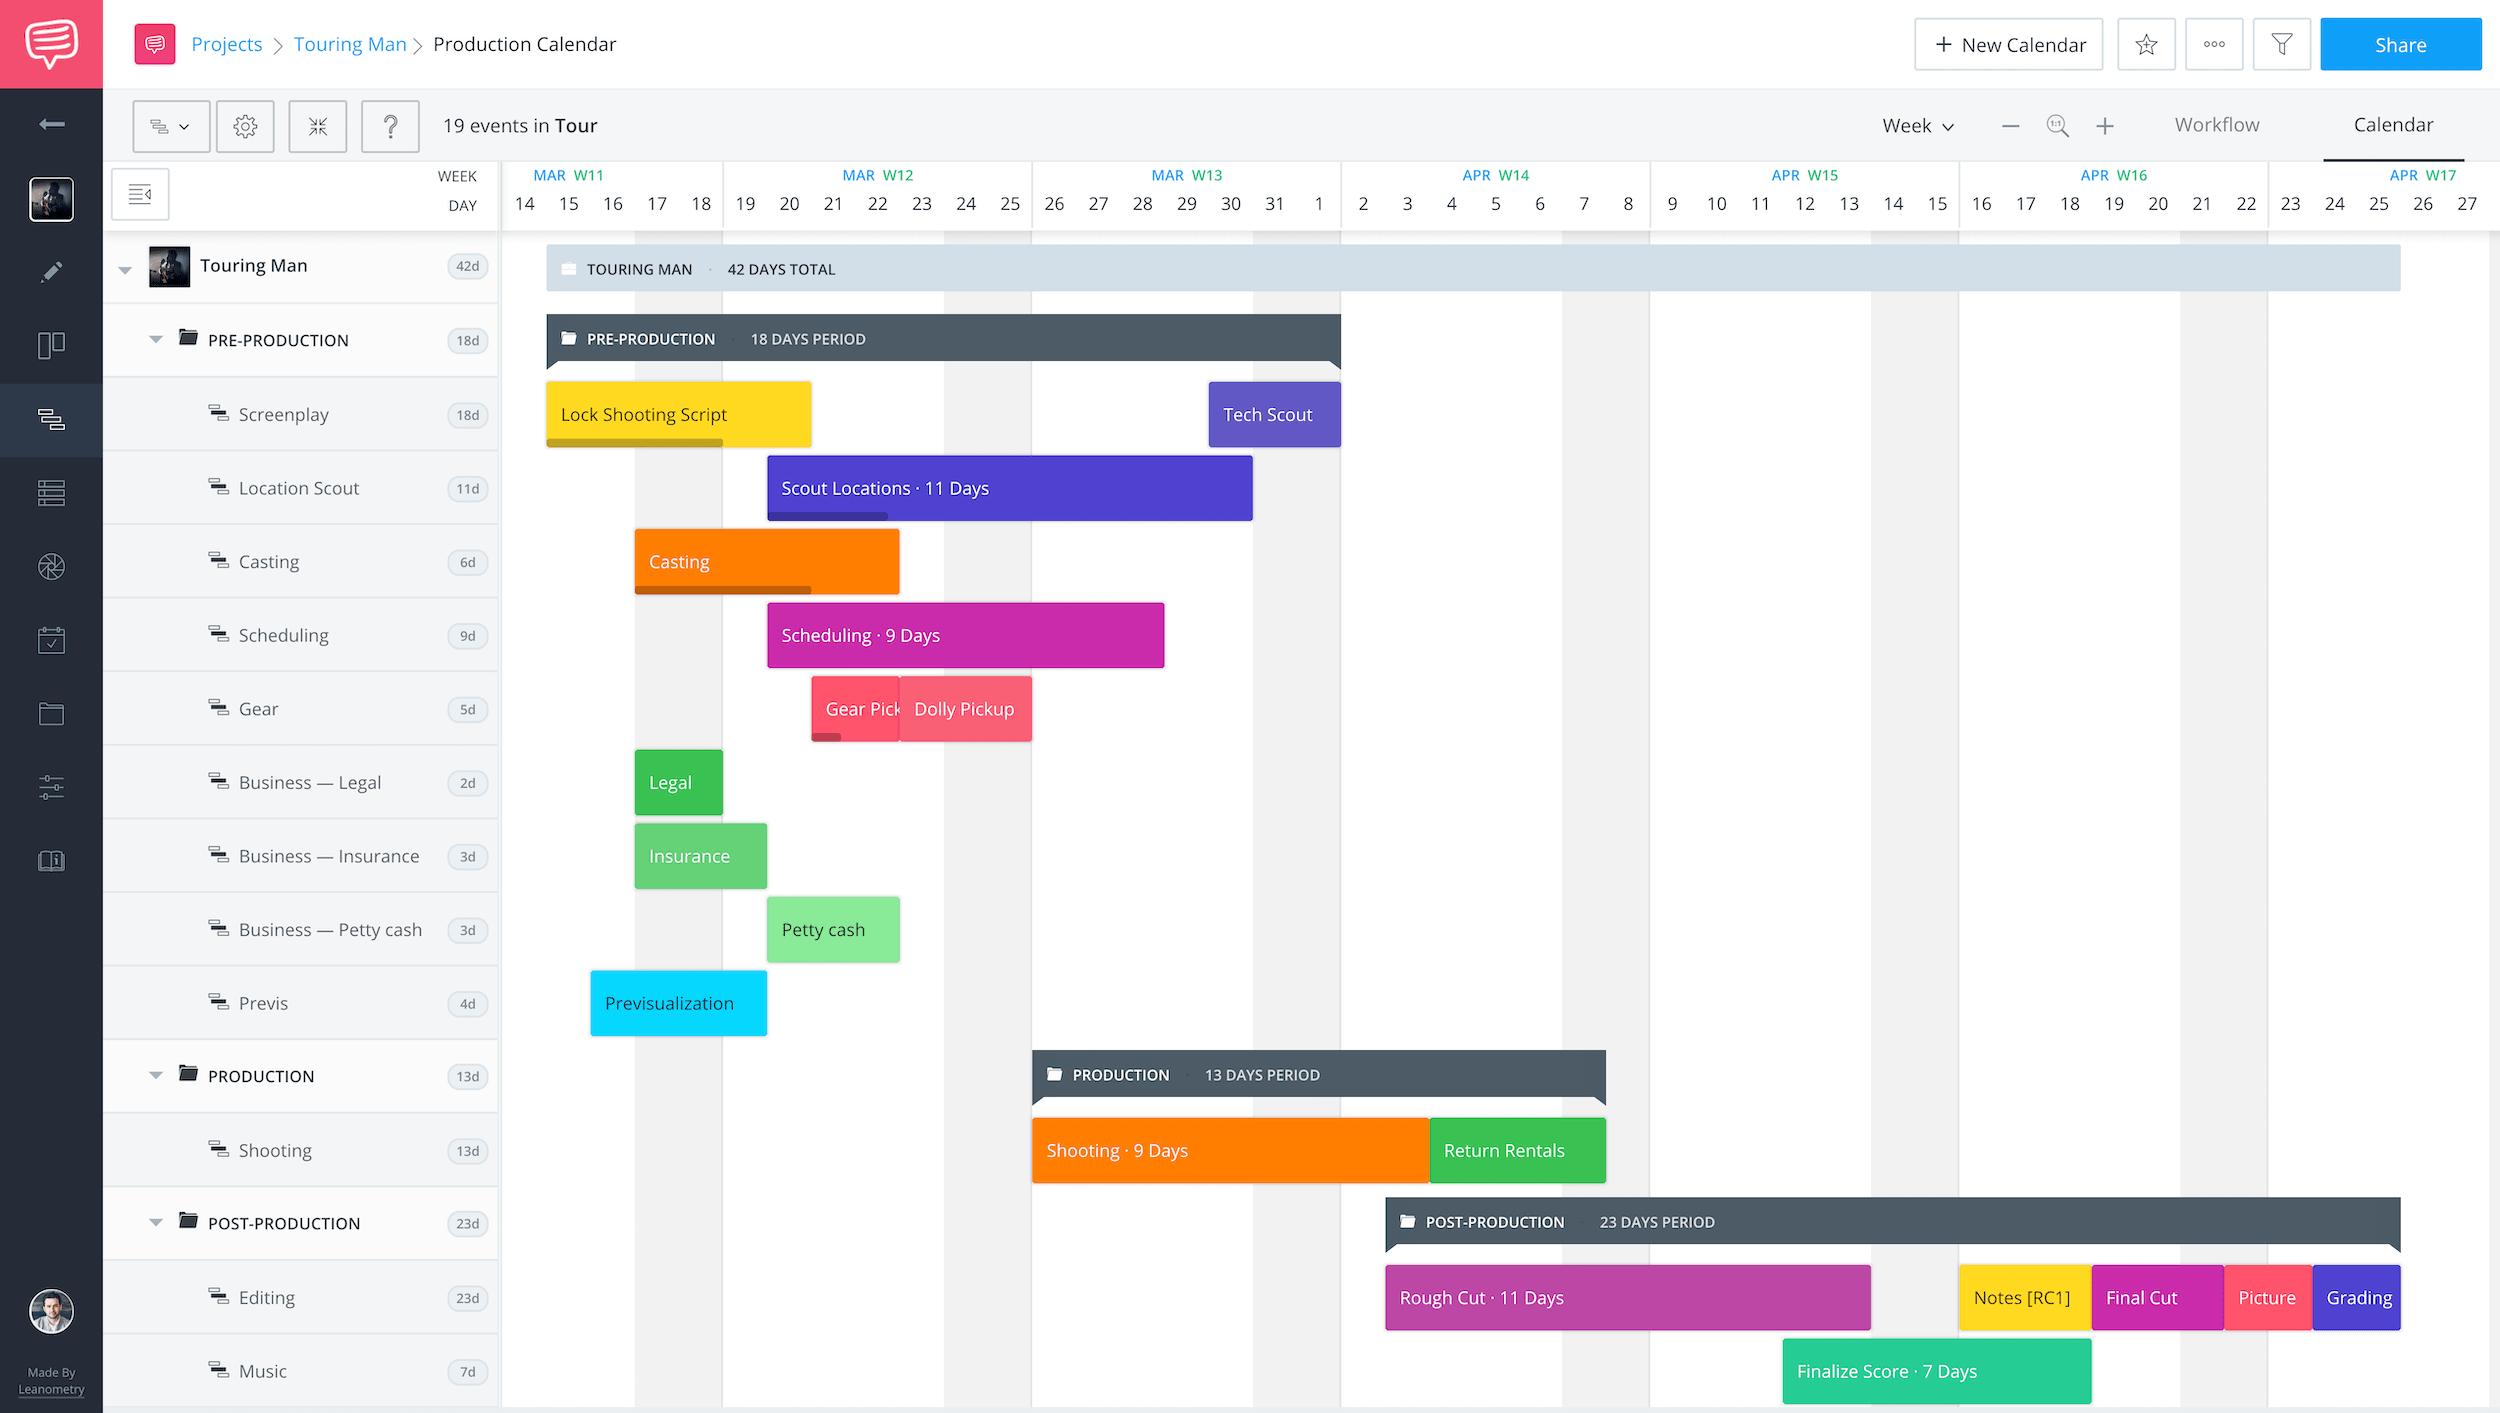 StudioBinder Production Calendar Software for Film, TV & Video